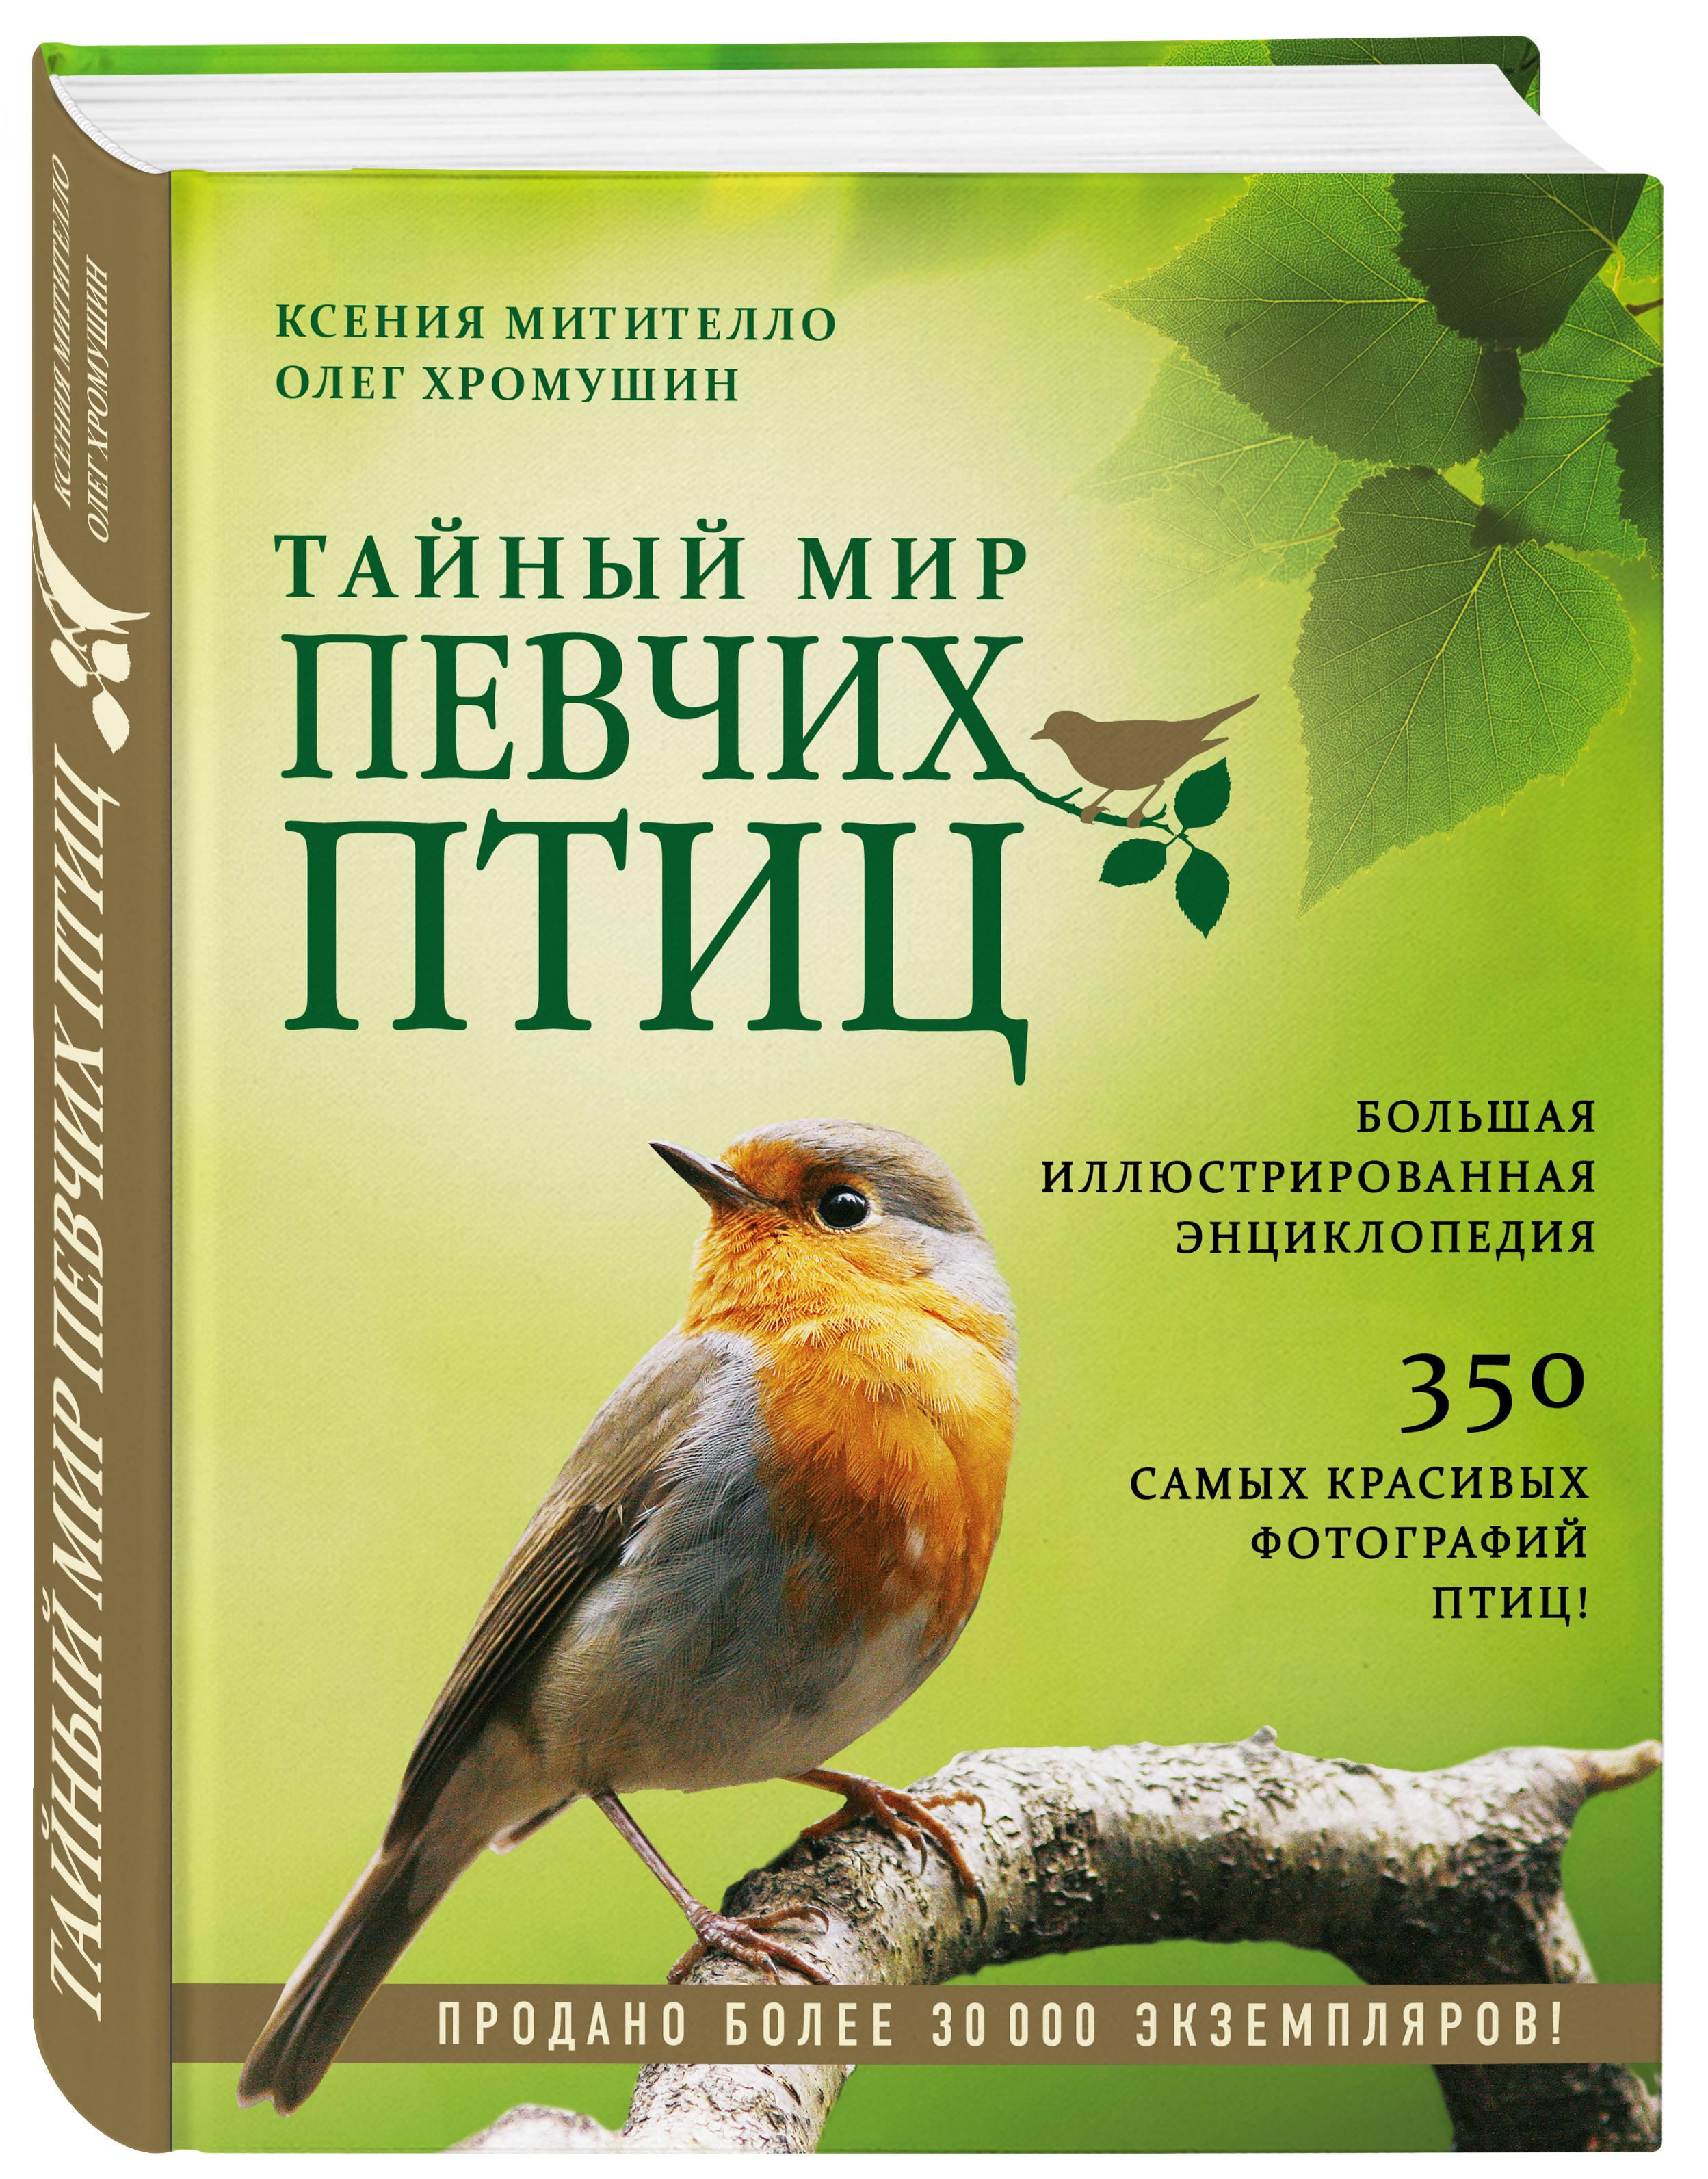 Тайный мир певчих птиц. Большая иллюстрированная энциклопедия ( Митителло К.Б.  )